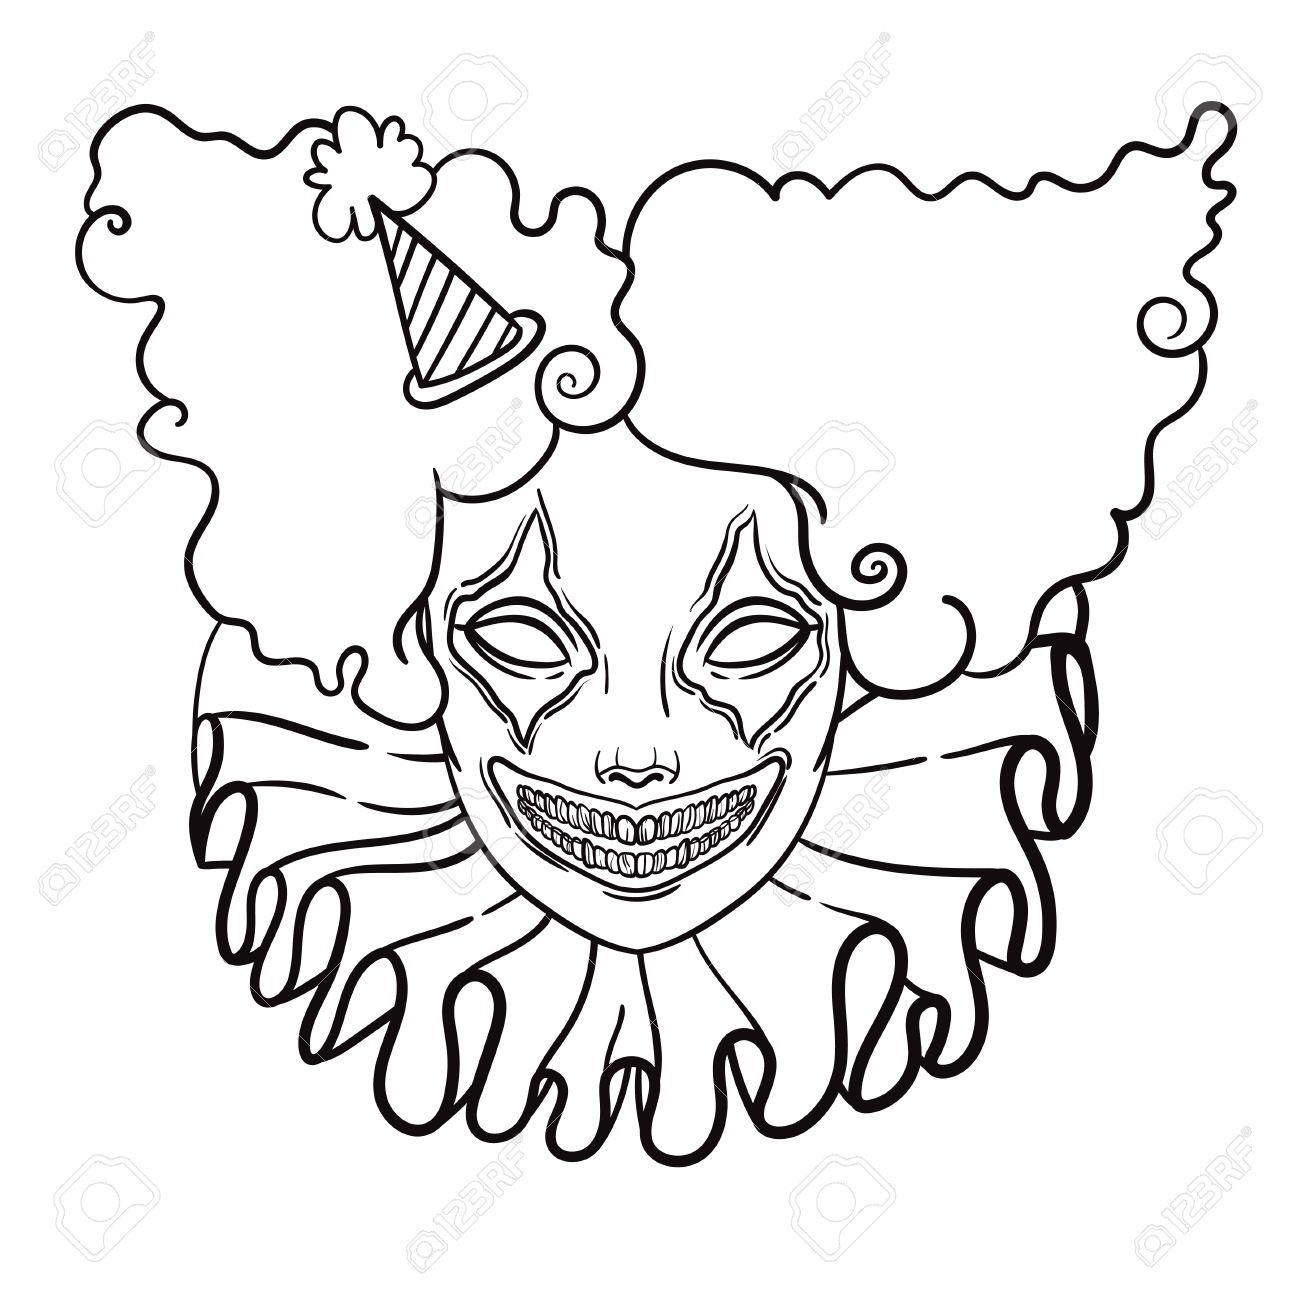 Dibujos Para Halloween De Miedo. Paginas With Dibujos Para Halloween ...